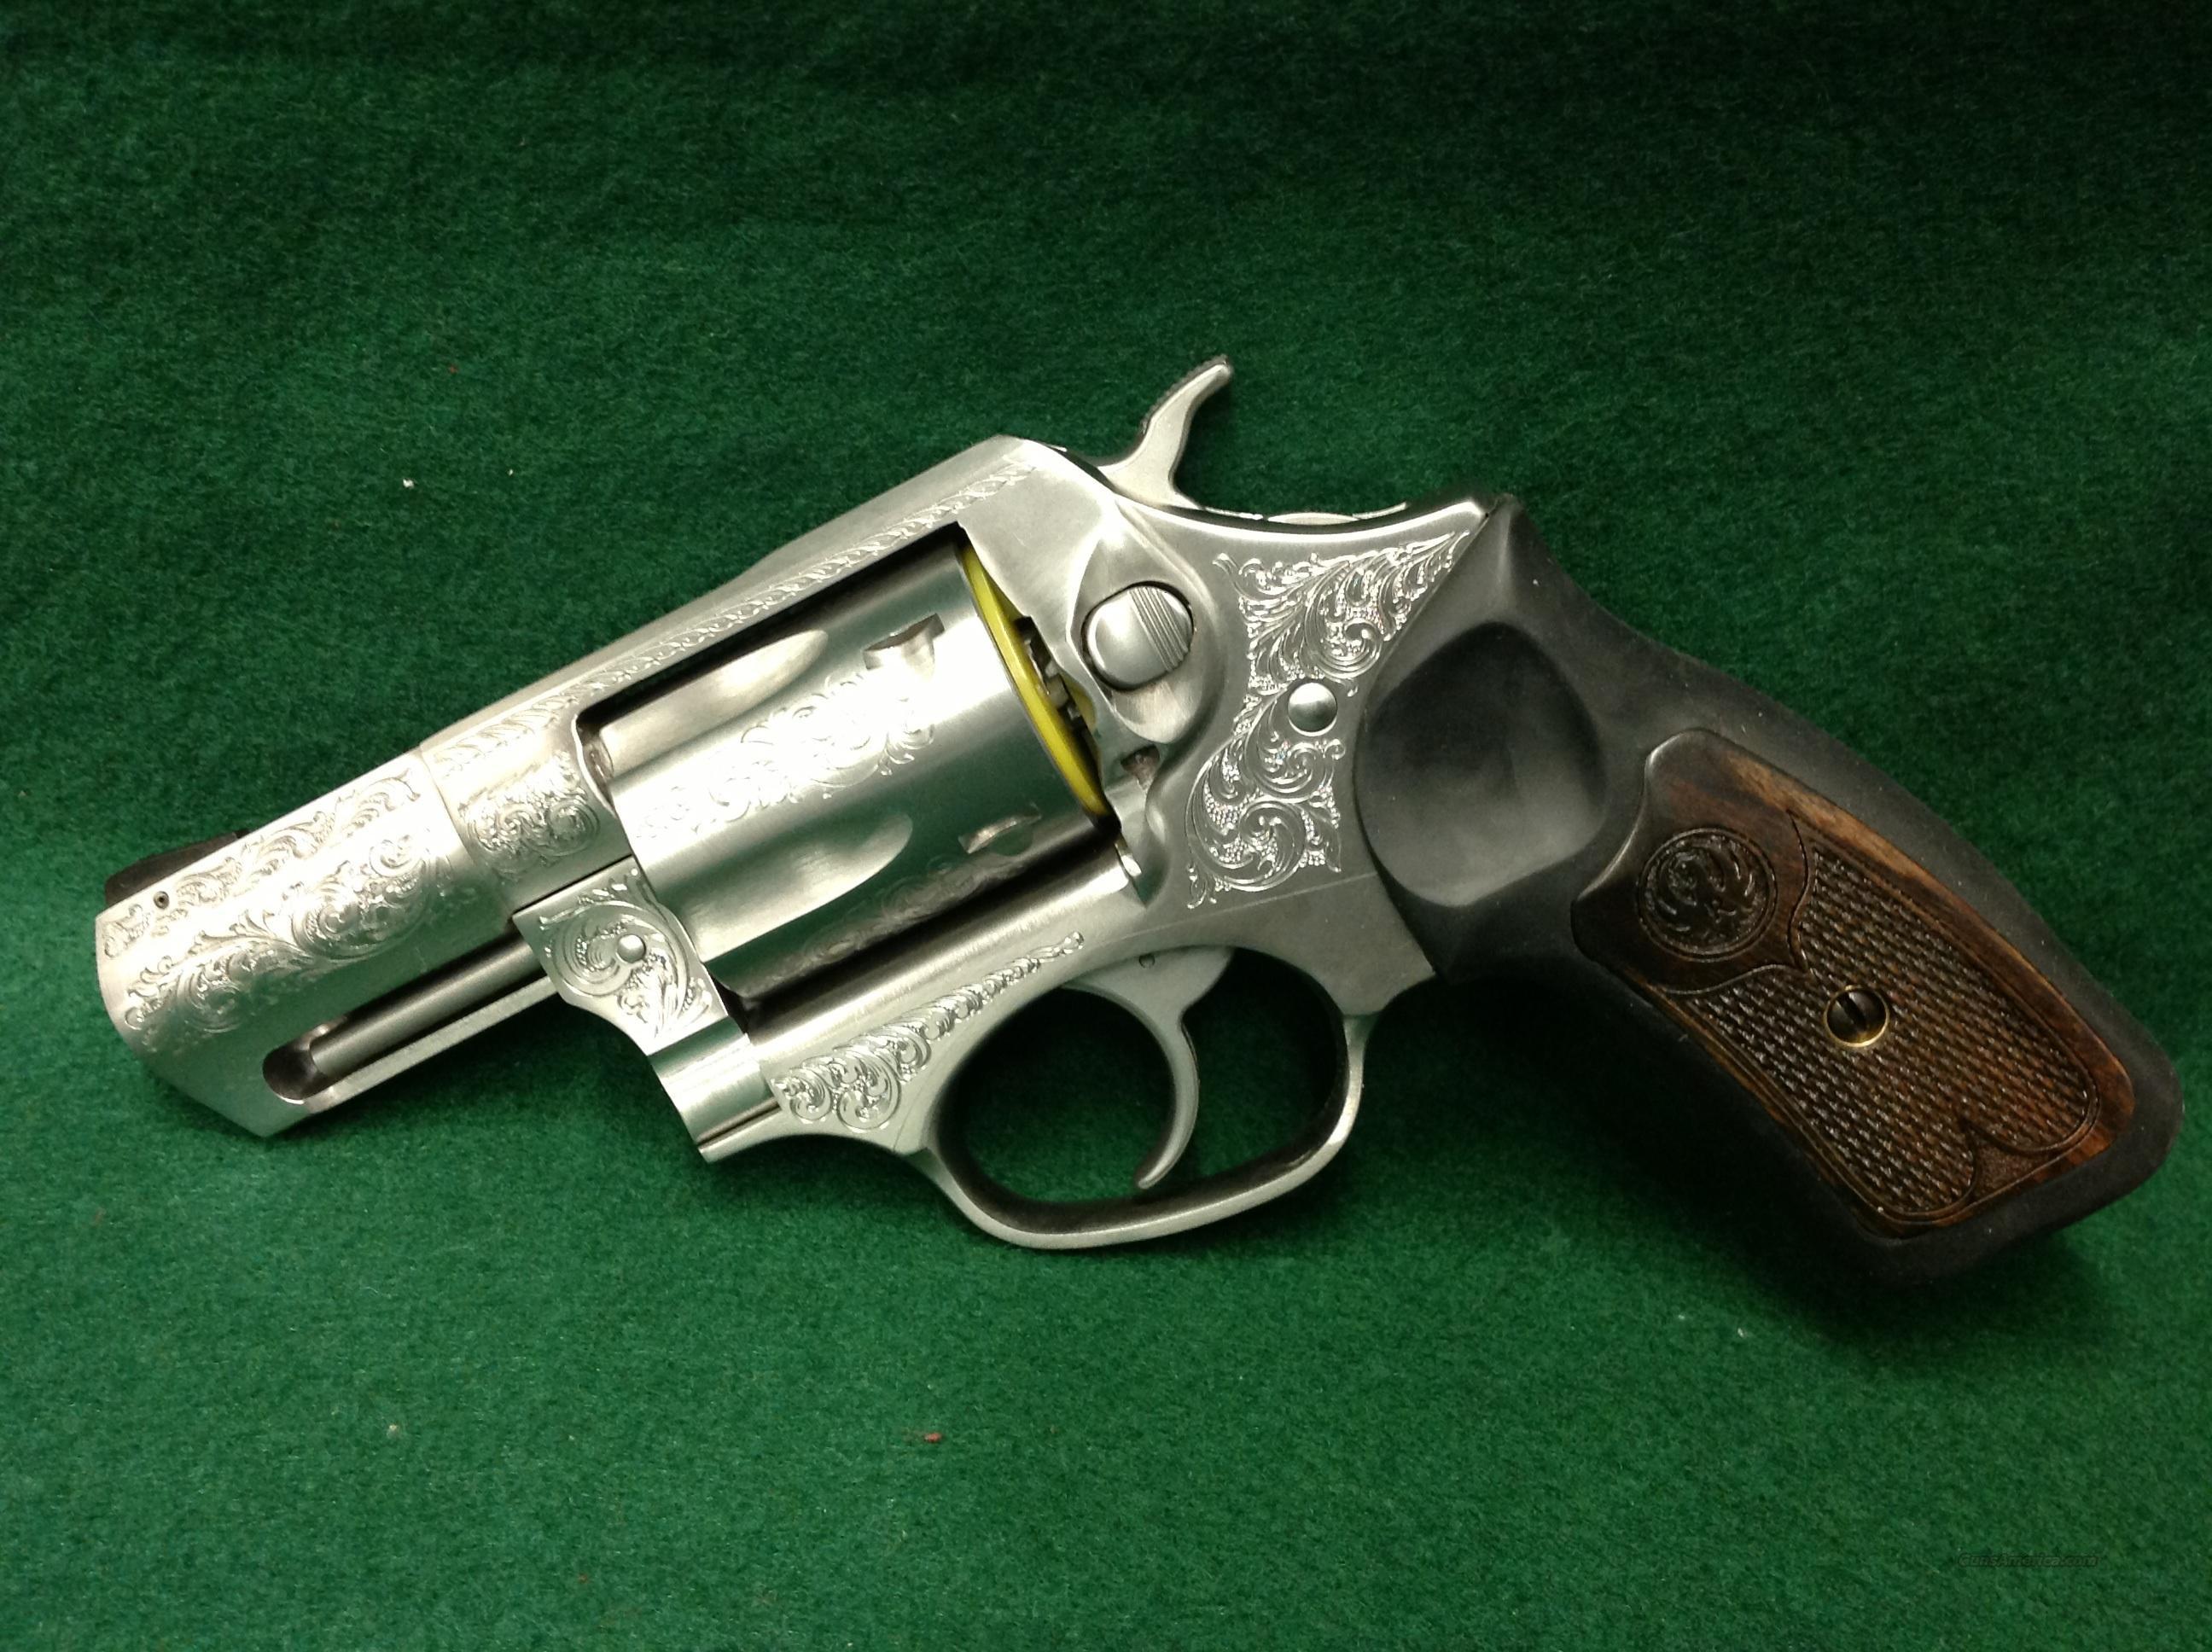 Ruger Sp101 357 Magnum Engraved For Sale